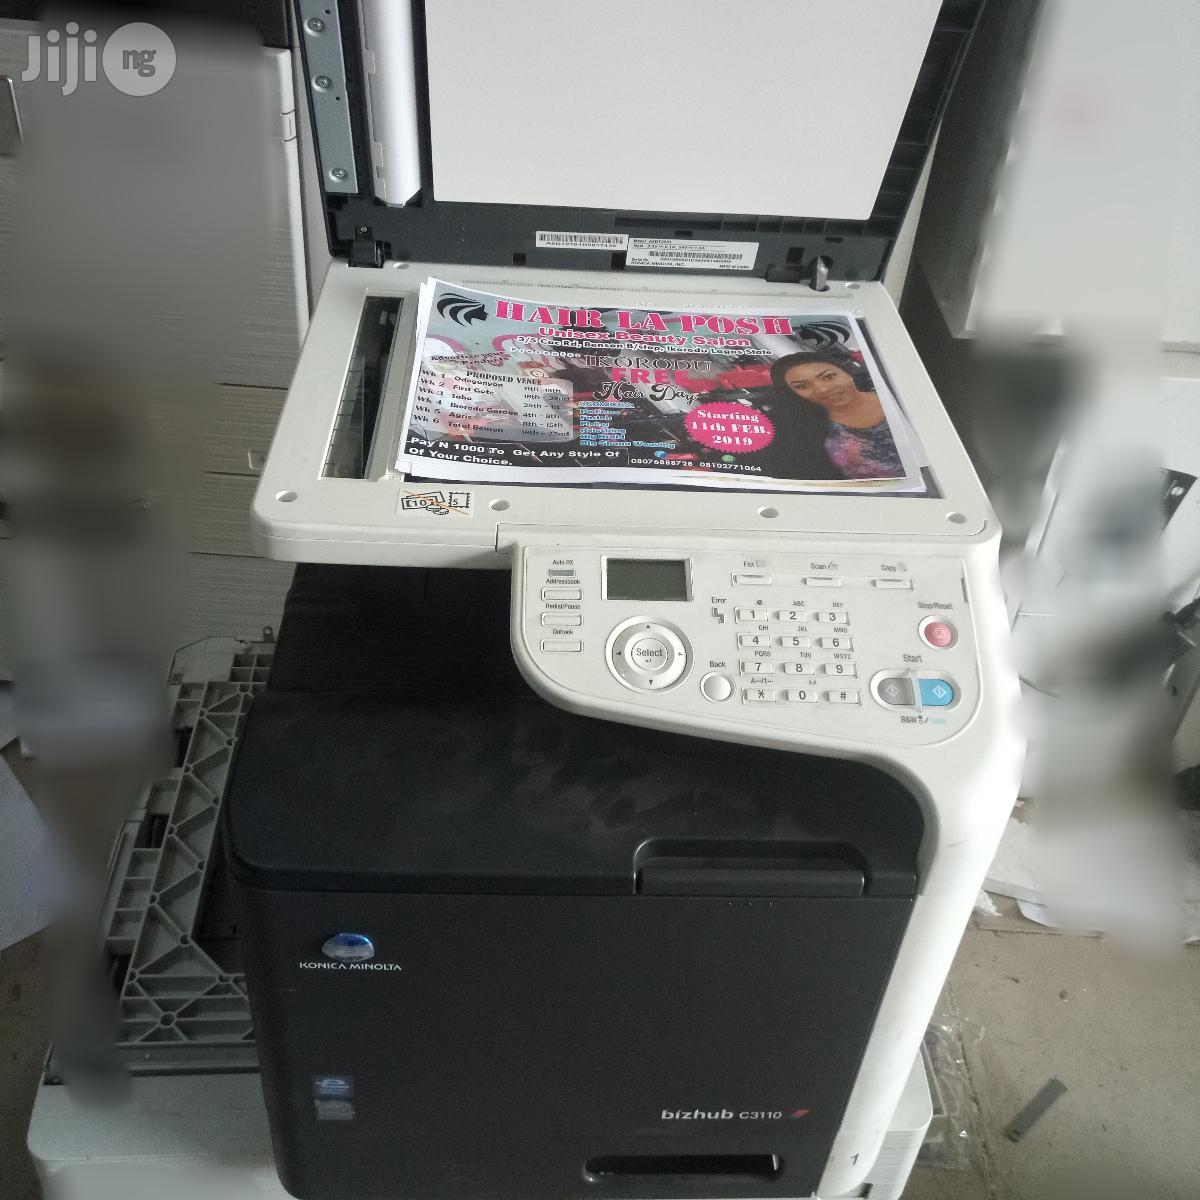 Bizhub C3110 DI Photocopier